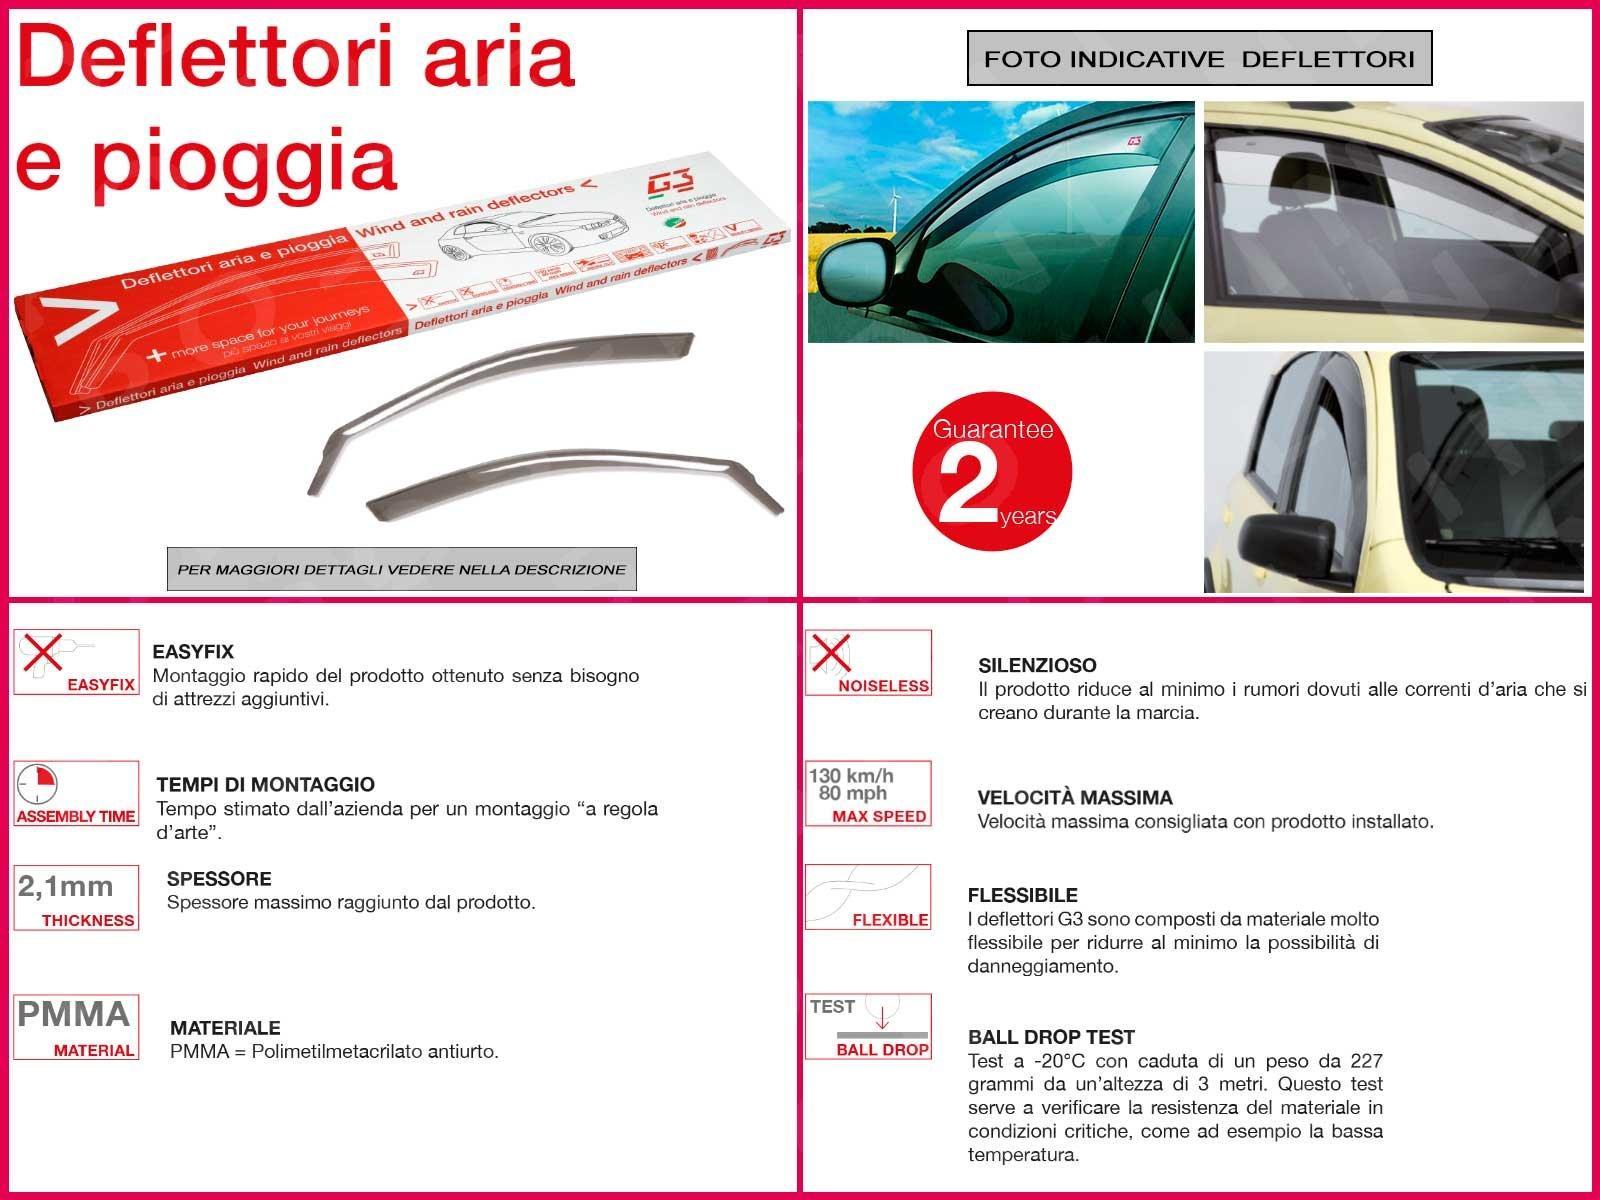 Deflettori Aria e Pioggia antiturbo G3 per Dacia Duster 5P 2018